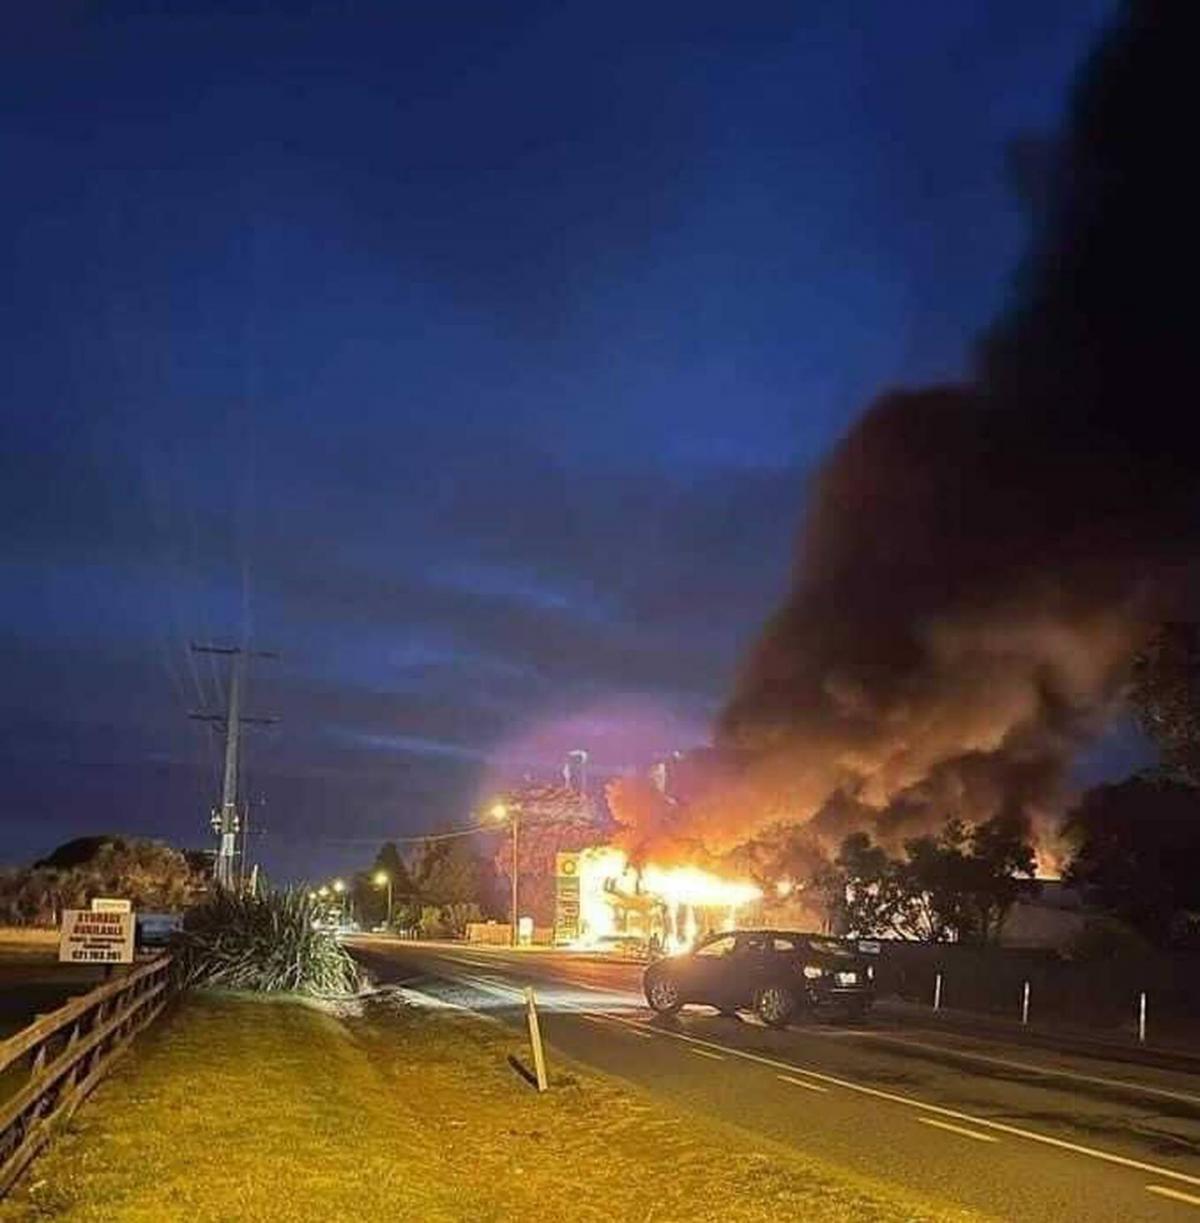 Servo inferno: Three in car when fuel ignited